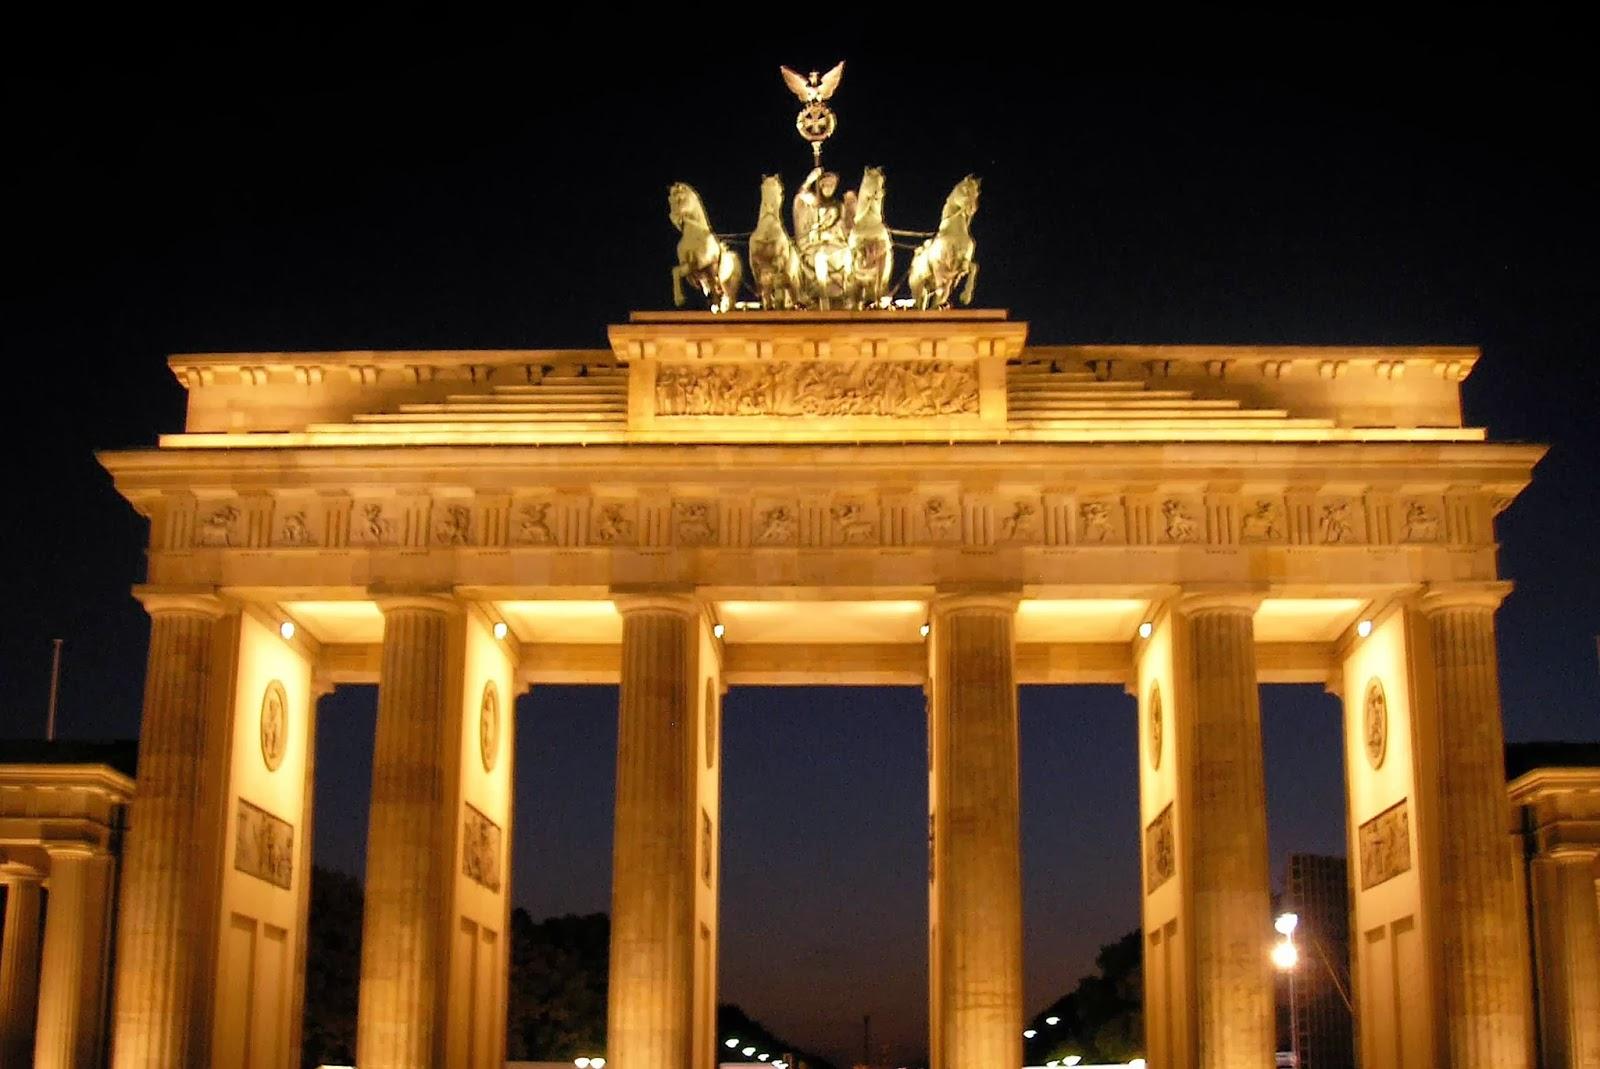 Valter berlino e la porta di brandeburgo - Berlino porta di brandeburgo ...